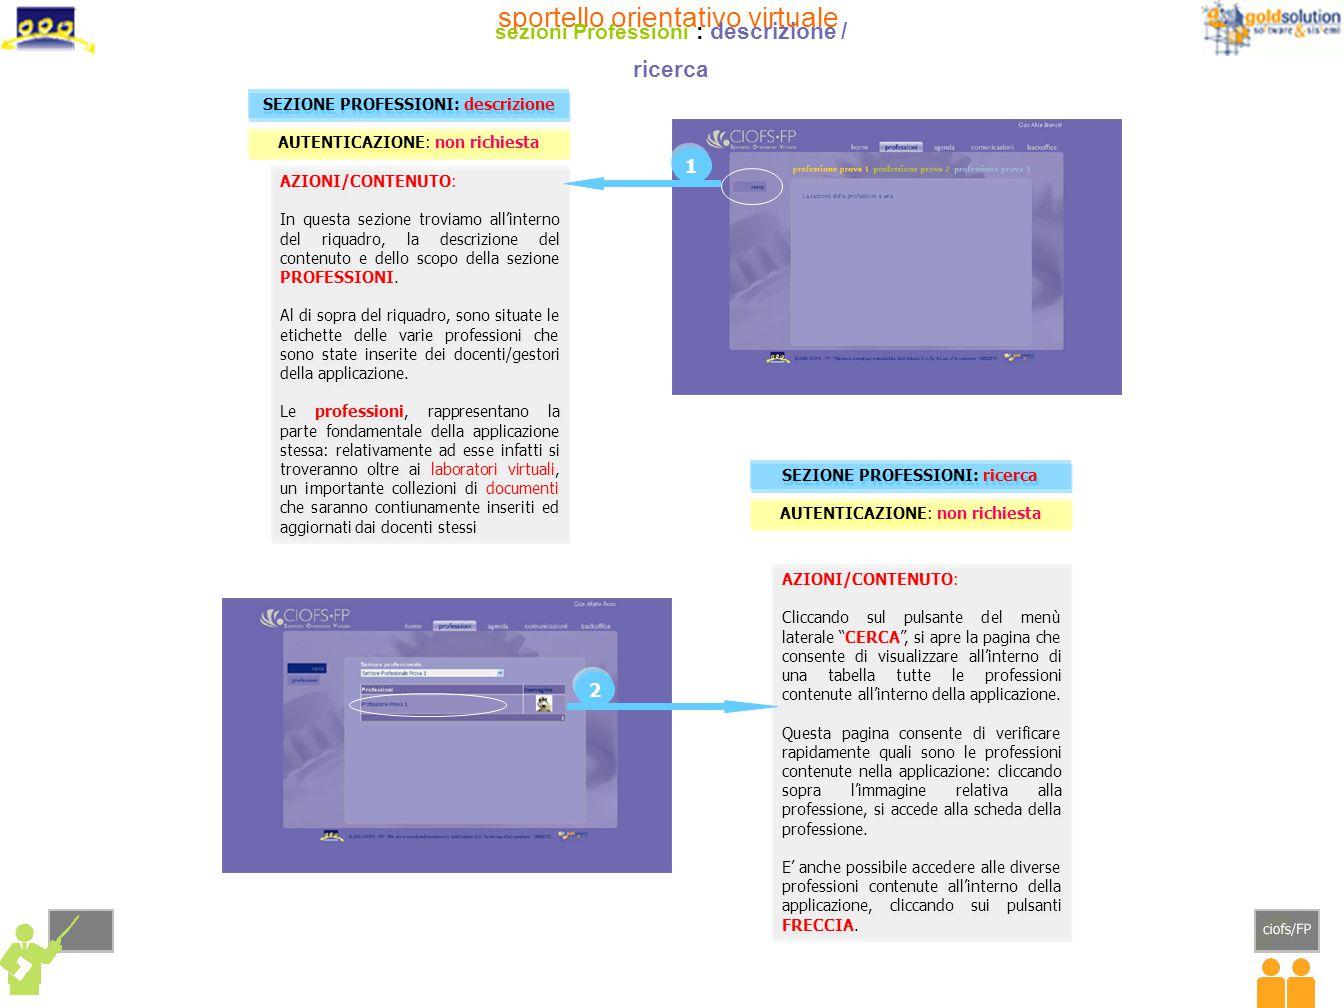 sportello orientativo virtuale sezioni Professioni : descrizione / ricerca AZIONI/CONTENUTO: In questa sezione troviamo all'interno del riquadro, la descrizione del contenuto e dello scopo della sezione PROFESSIONI.